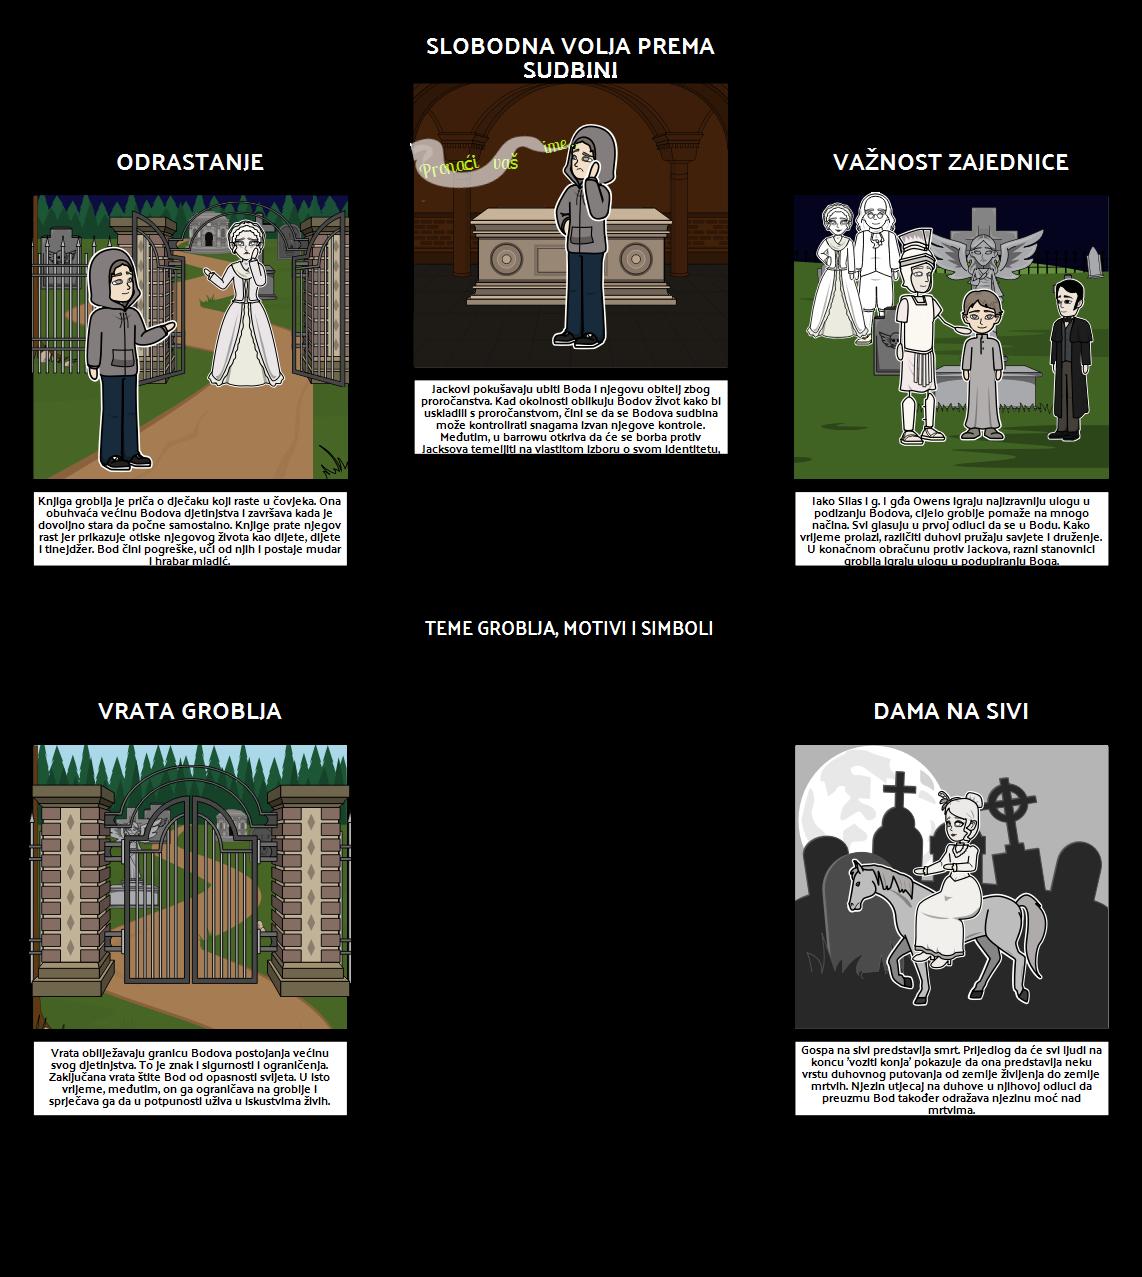 Teme Teme Groblja, Motivi i Simboli